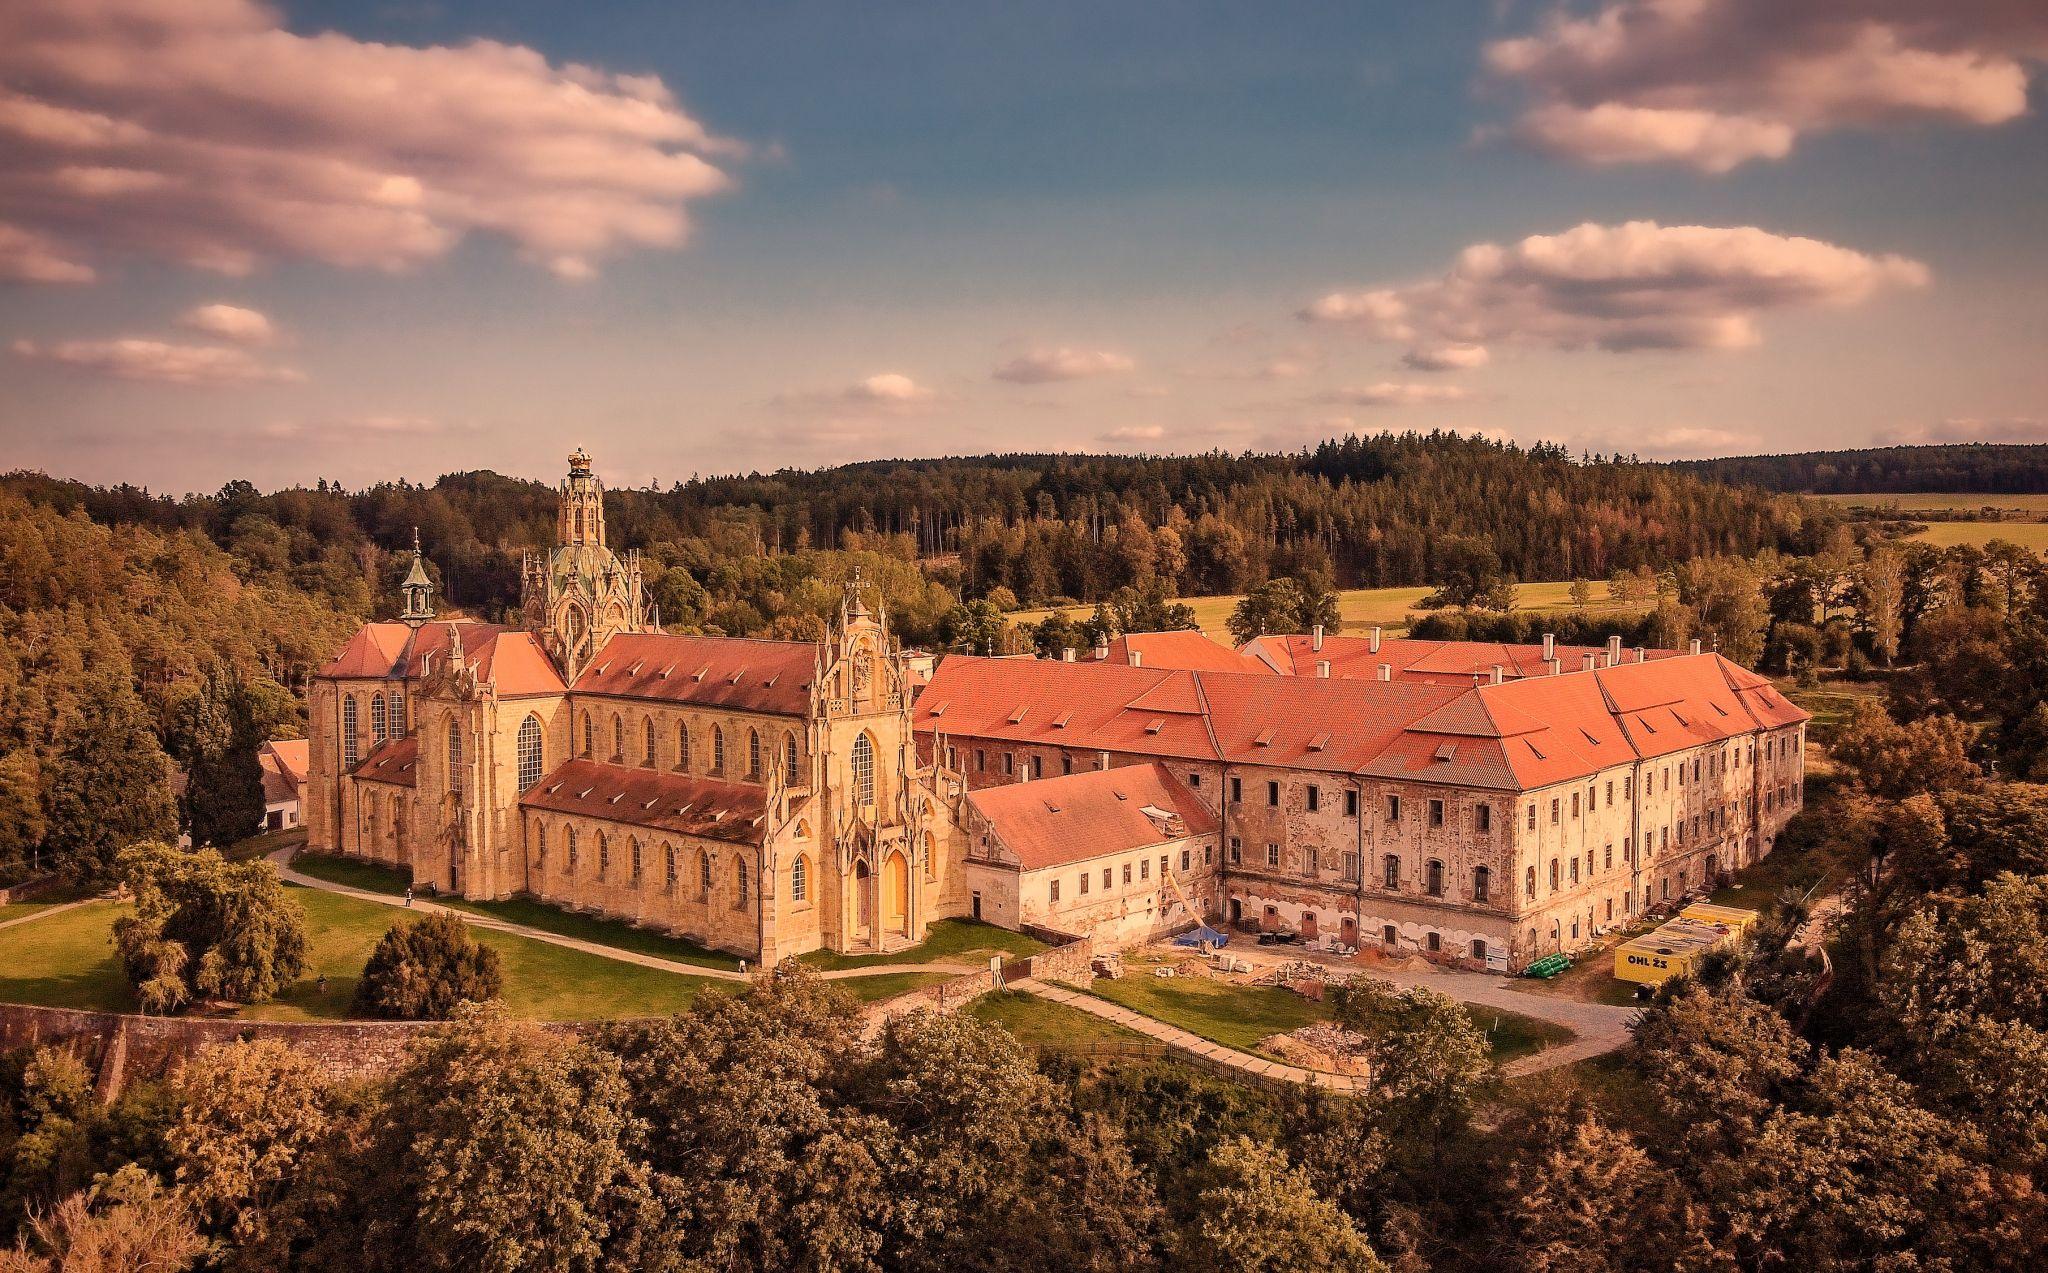 Kladruby Monastery, Czech Republic